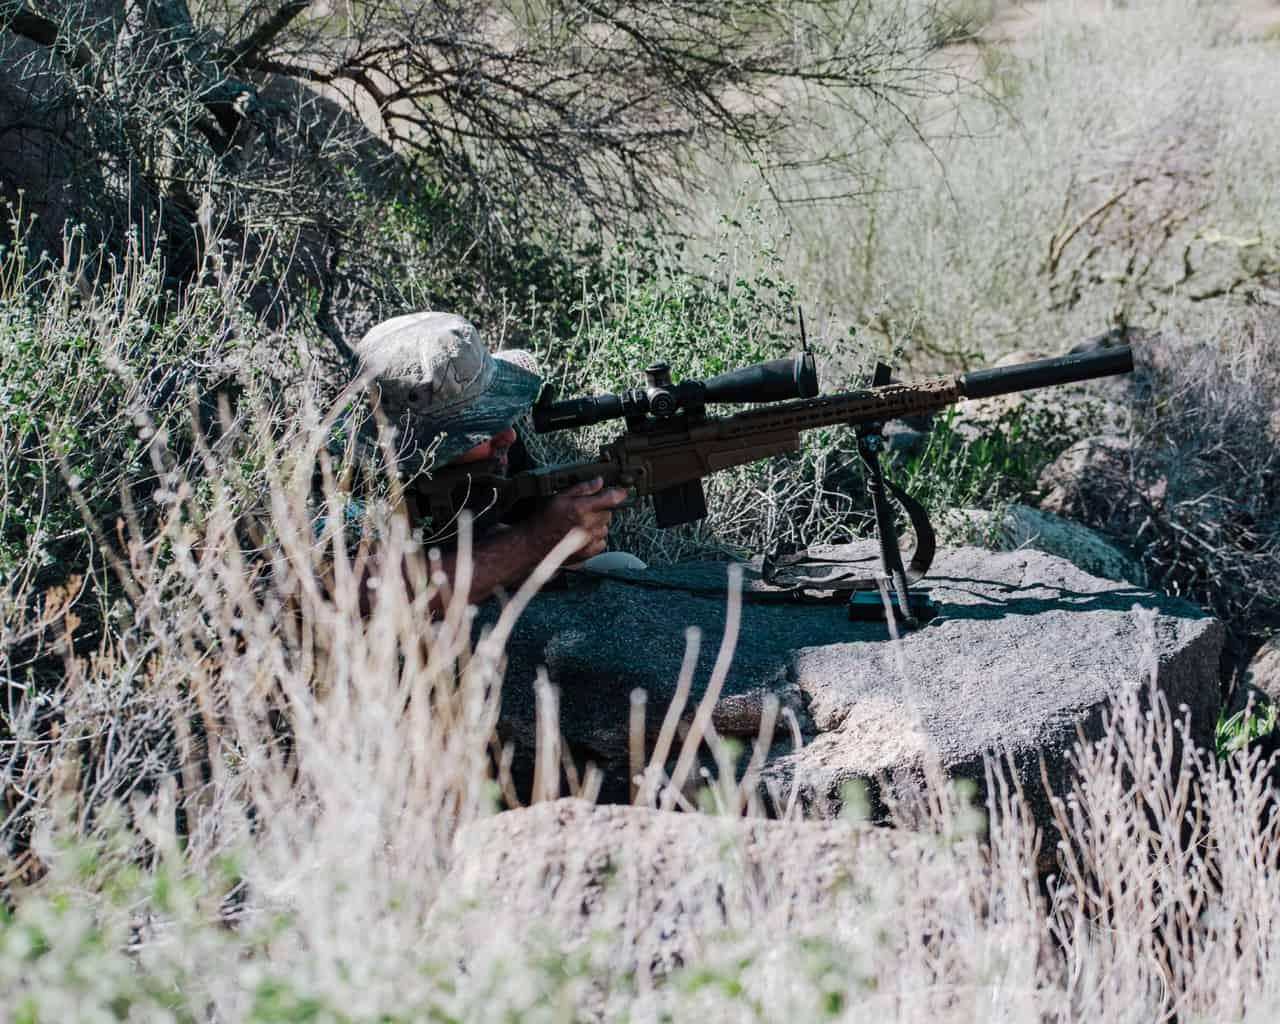 advanced-rural-sniper-course-15